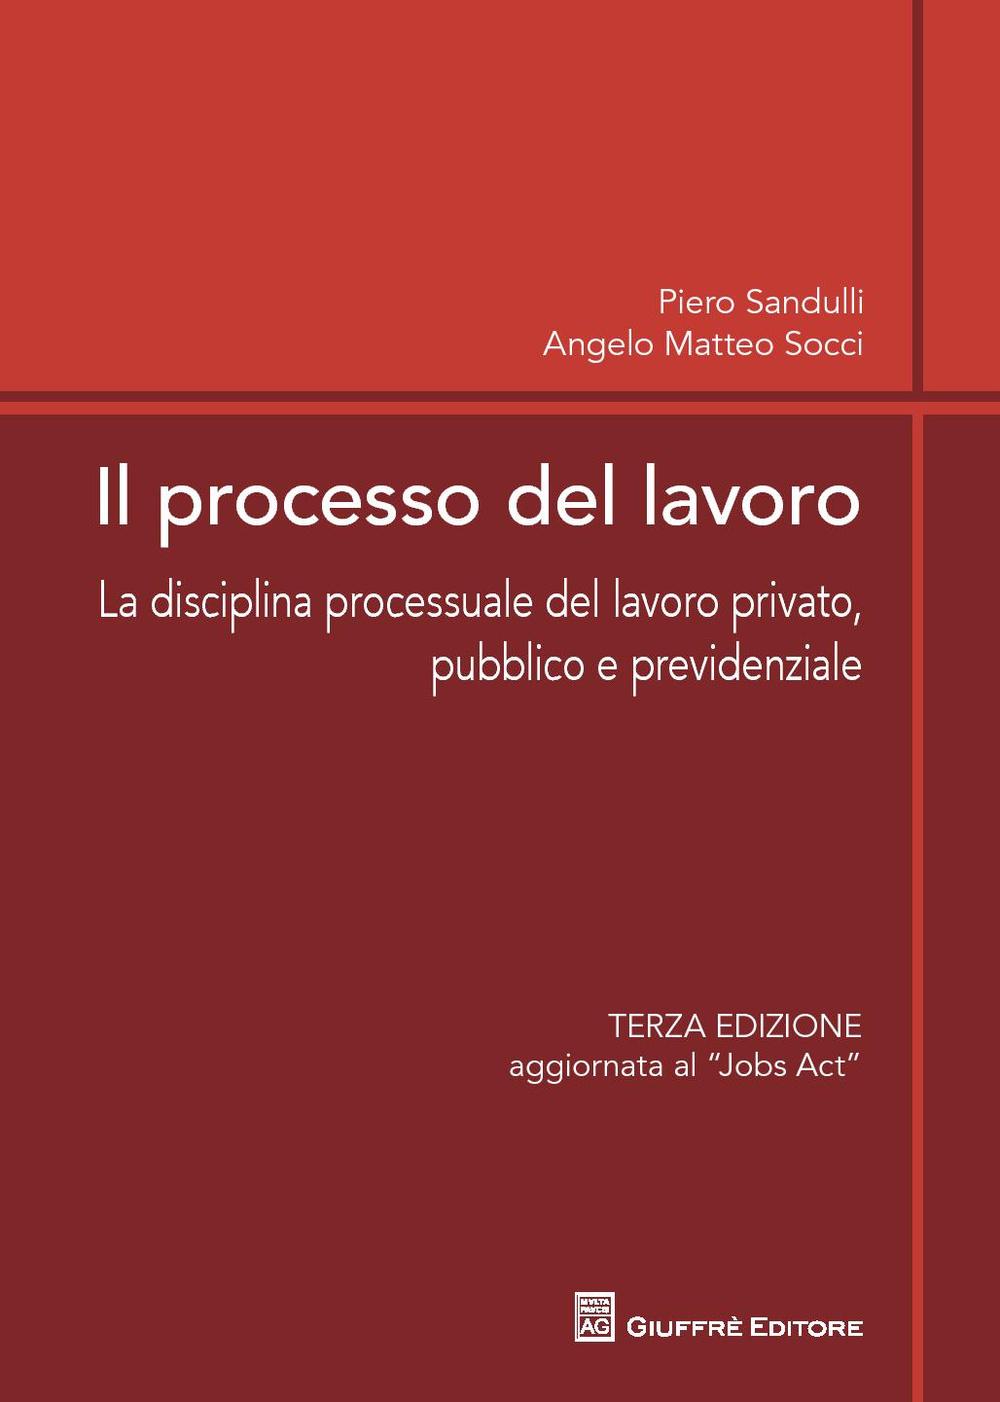 Il processo del lavoro. La disciplina processuale del lavoro privato, pubblico e previdenziale